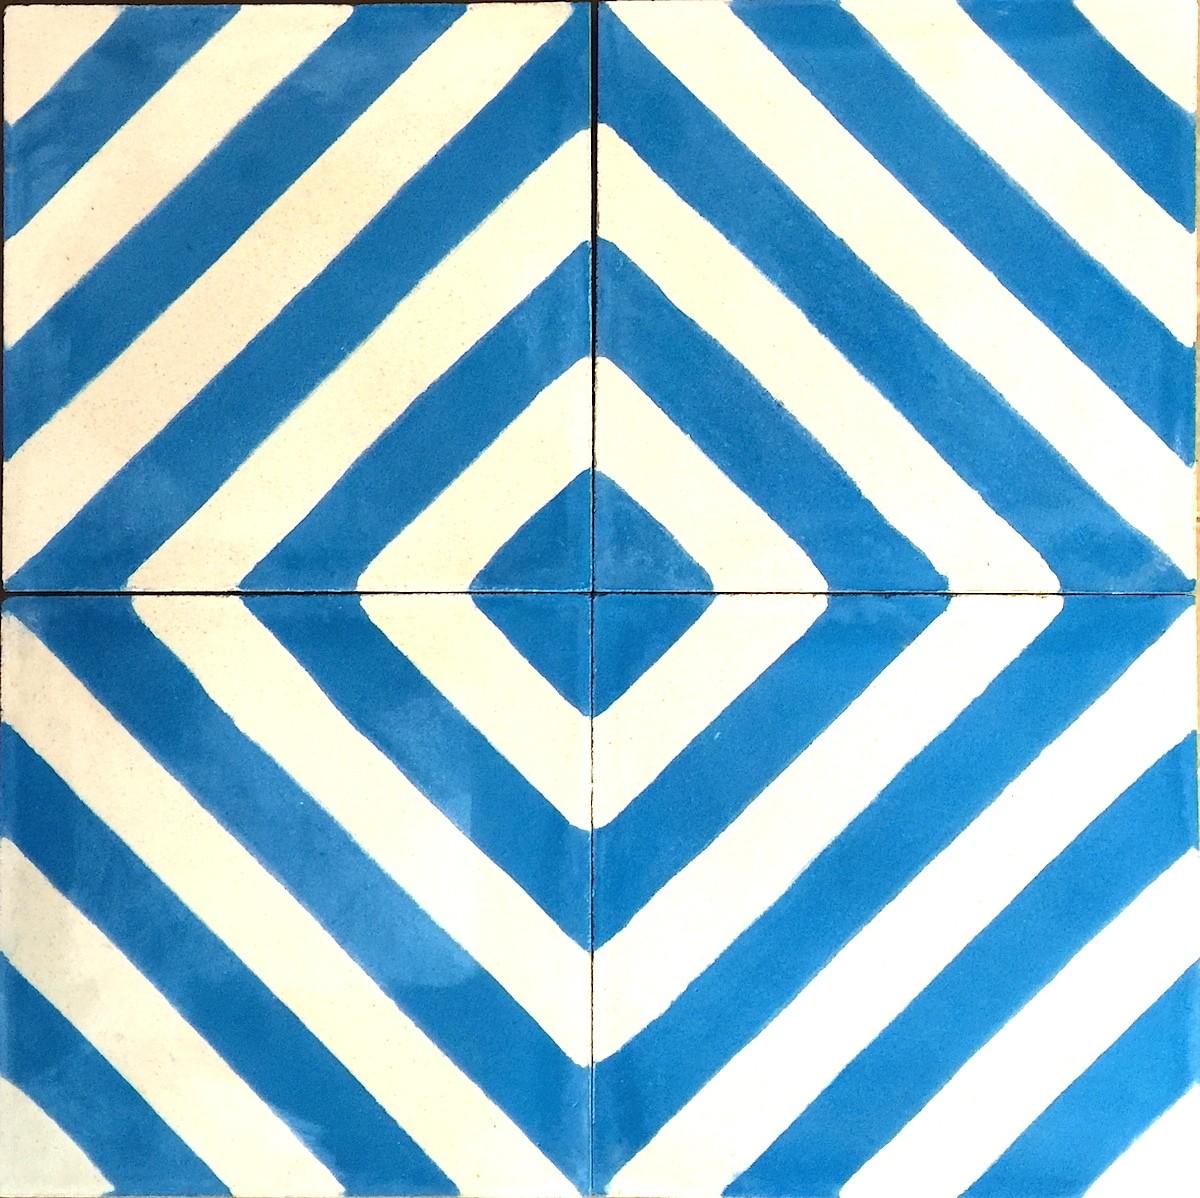 prix carreaux ciment modele chevron-bleu - carrelage-mosaique - Carreaux De Ciment Bleu